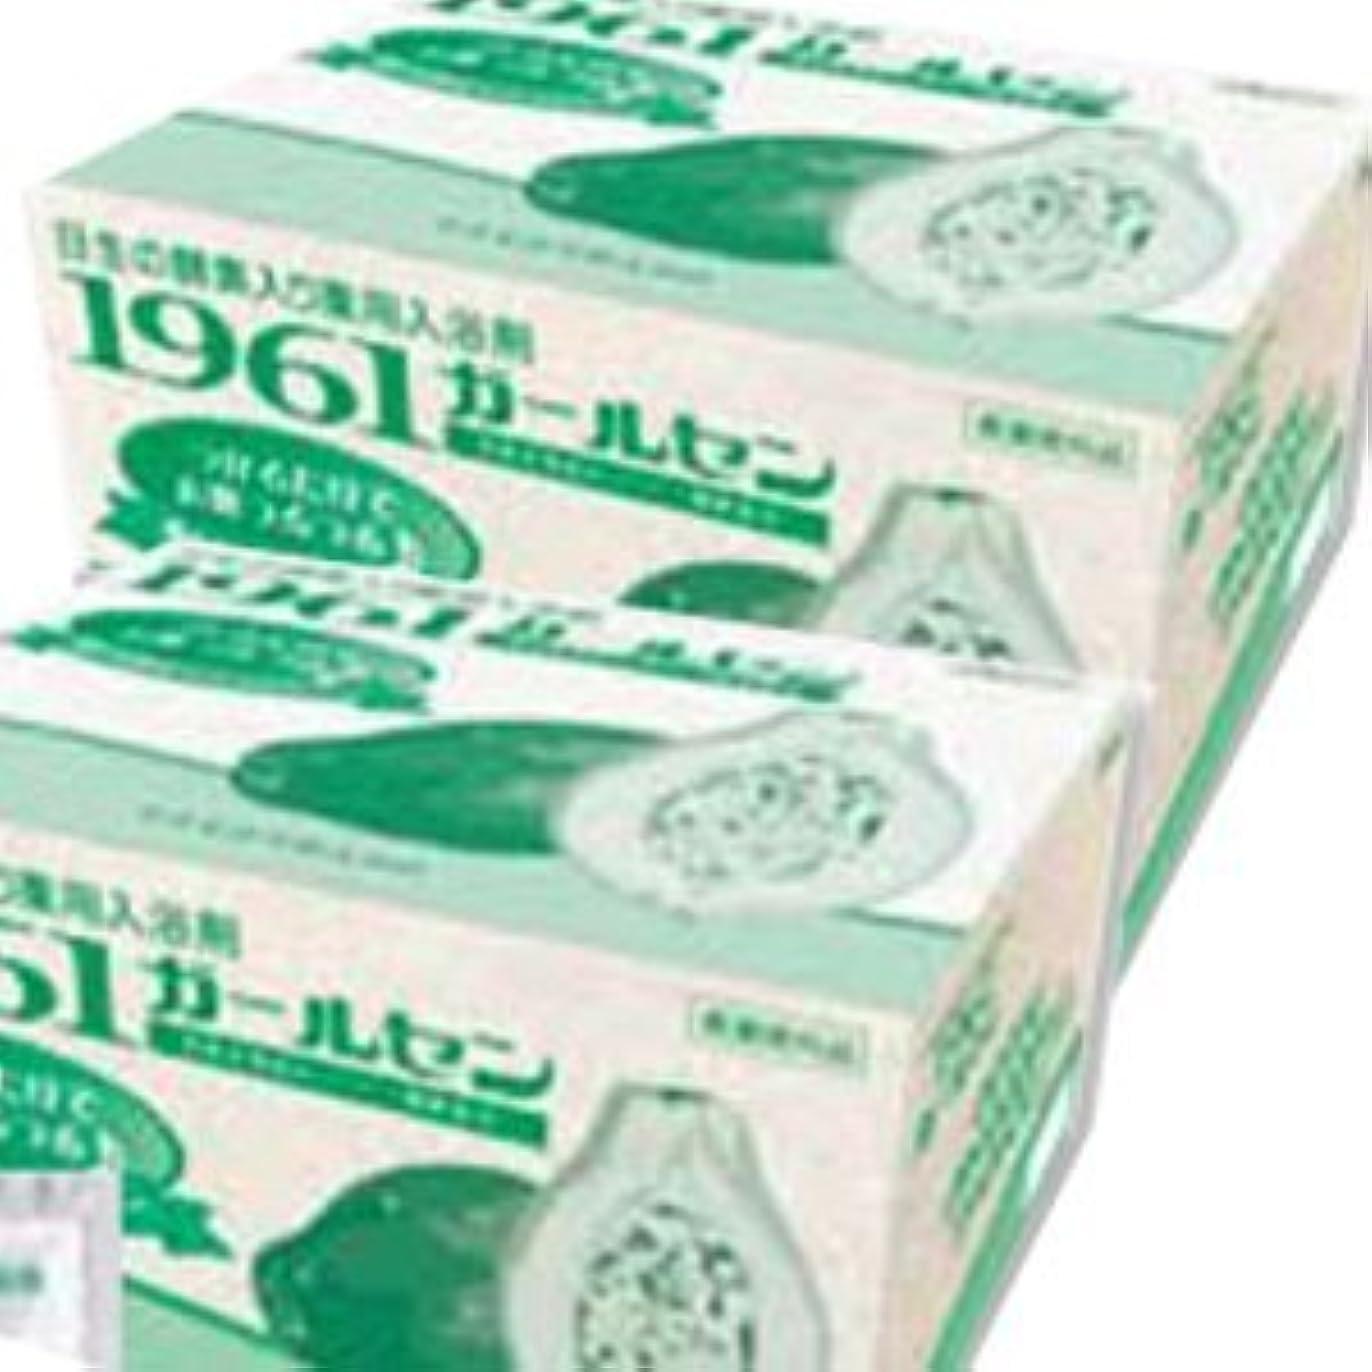 ルーキーコーンシーサイド日本生化学 薬用入浴剤 1961ガールセン (20g×60包)×2箱 (医薬部外品)